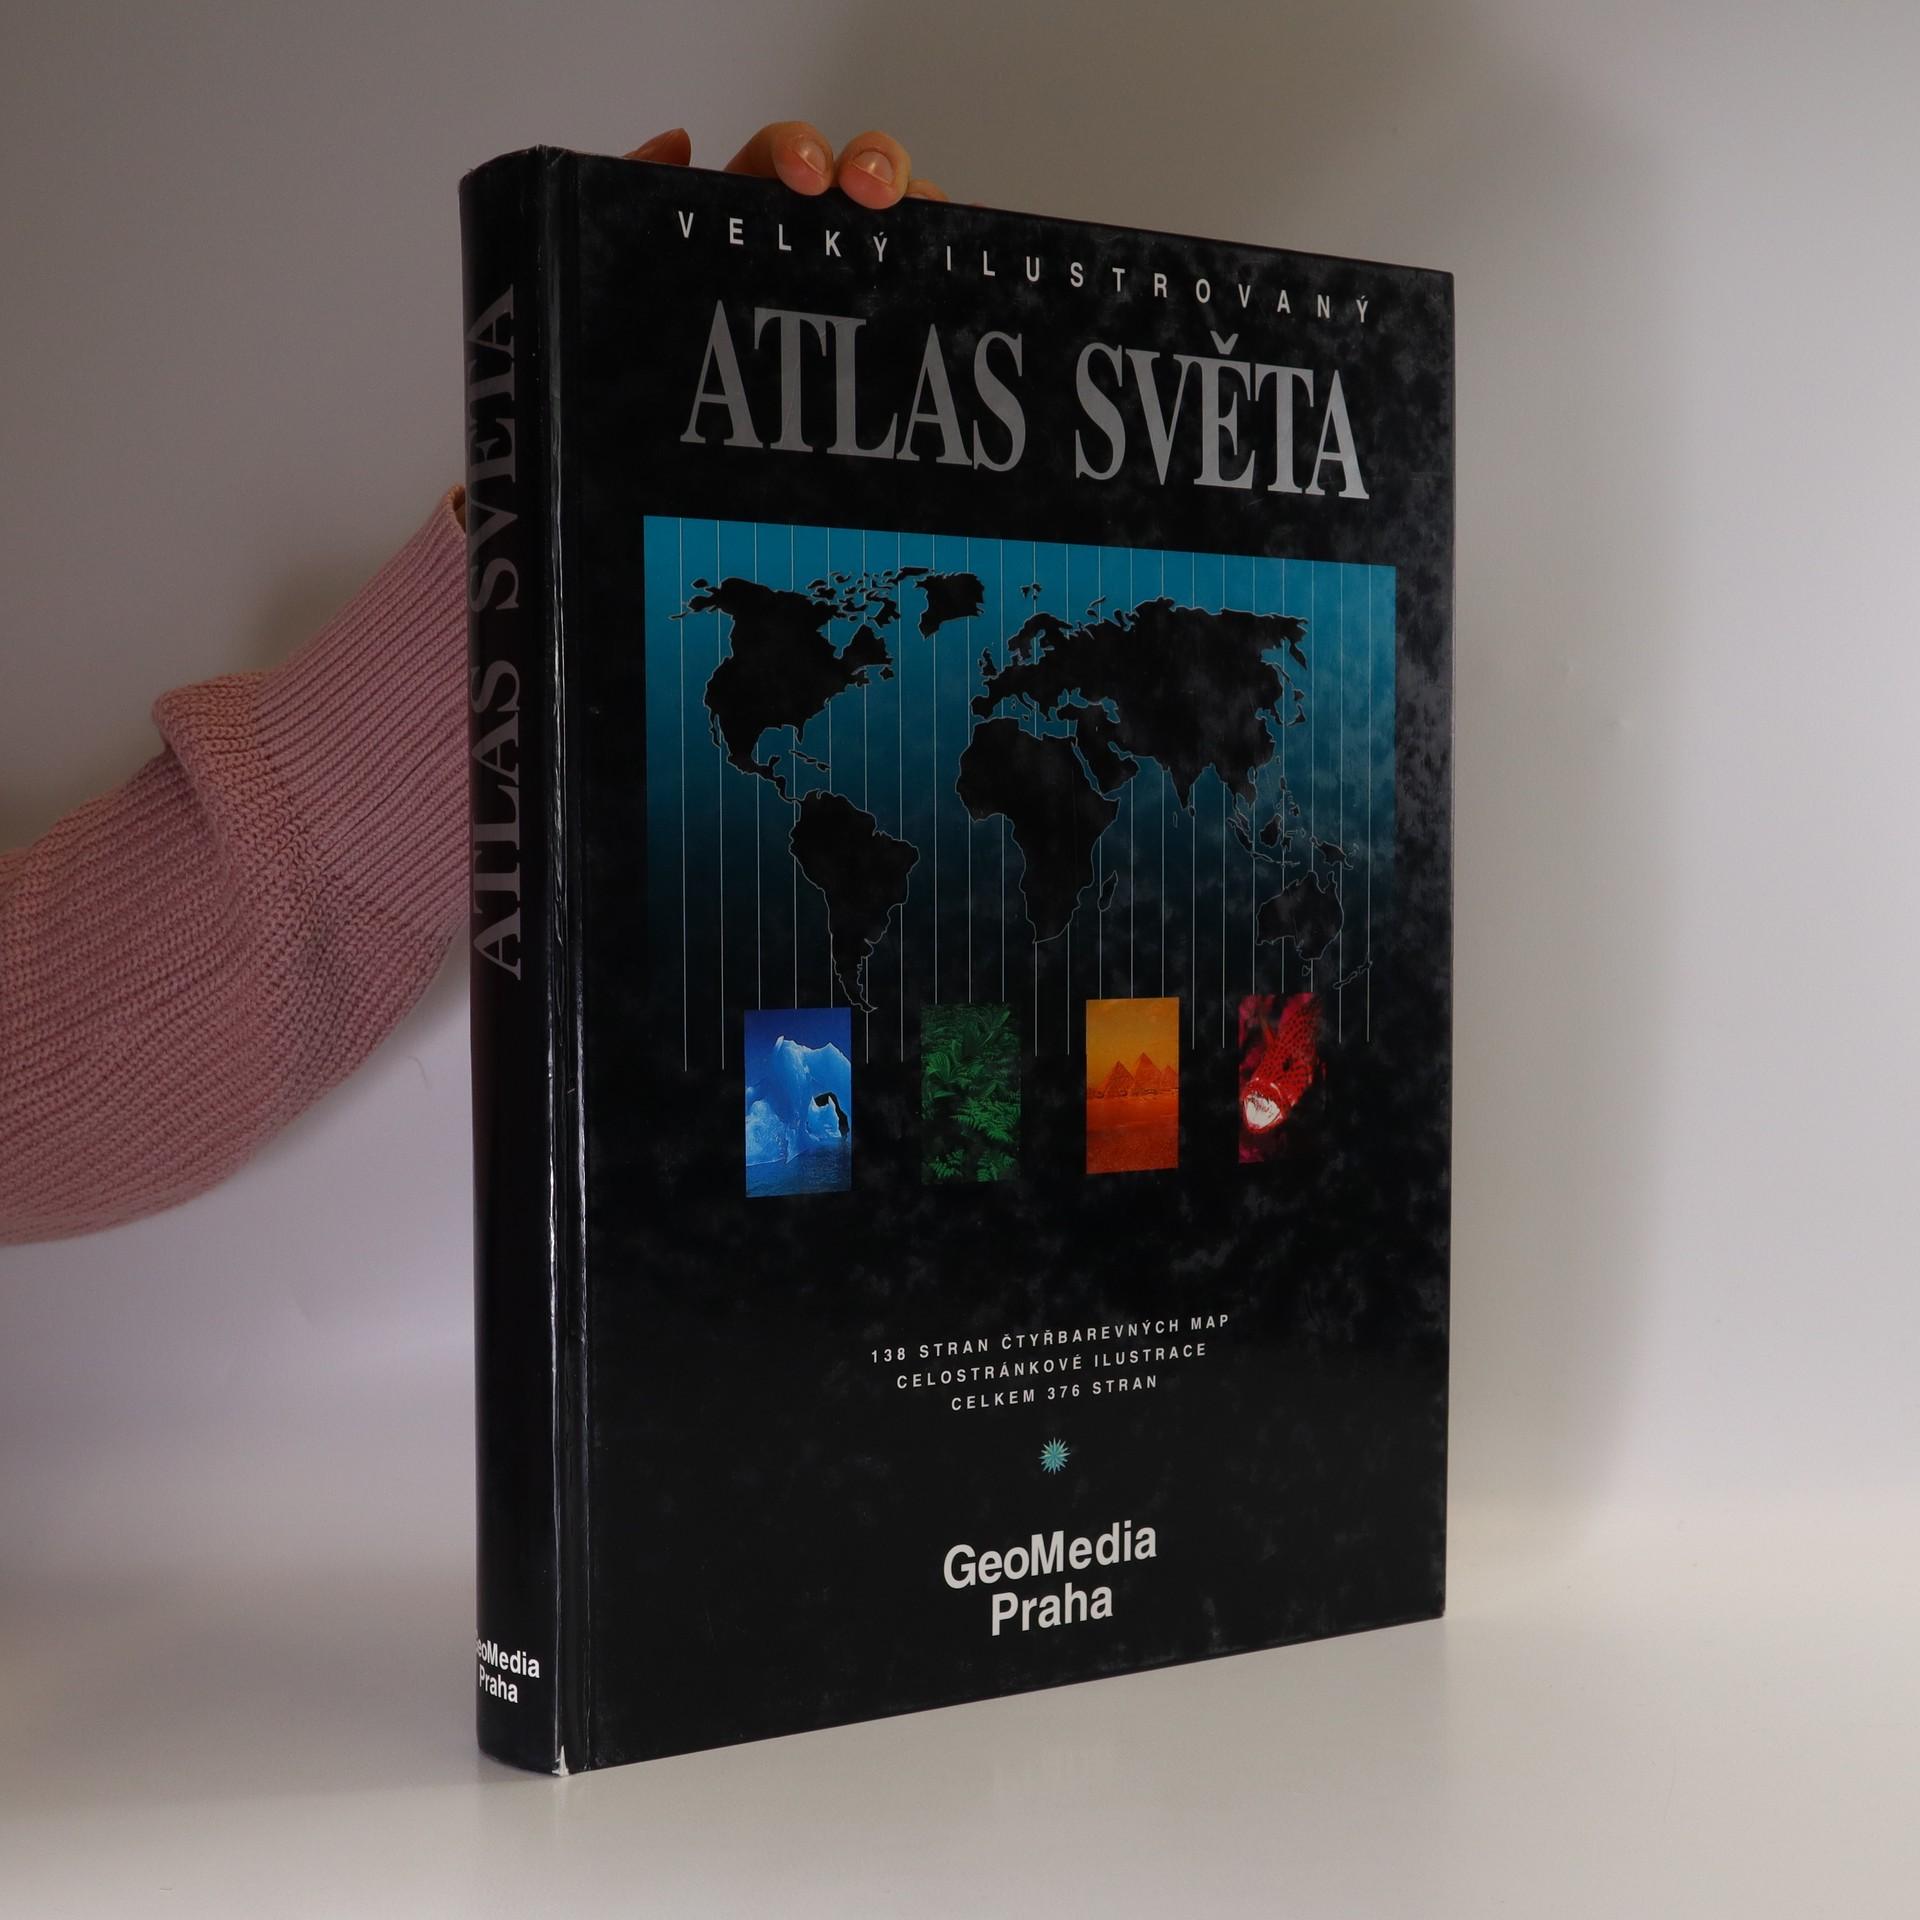 antikvární kniha Velký ilustrovaný atlas světa, 1997